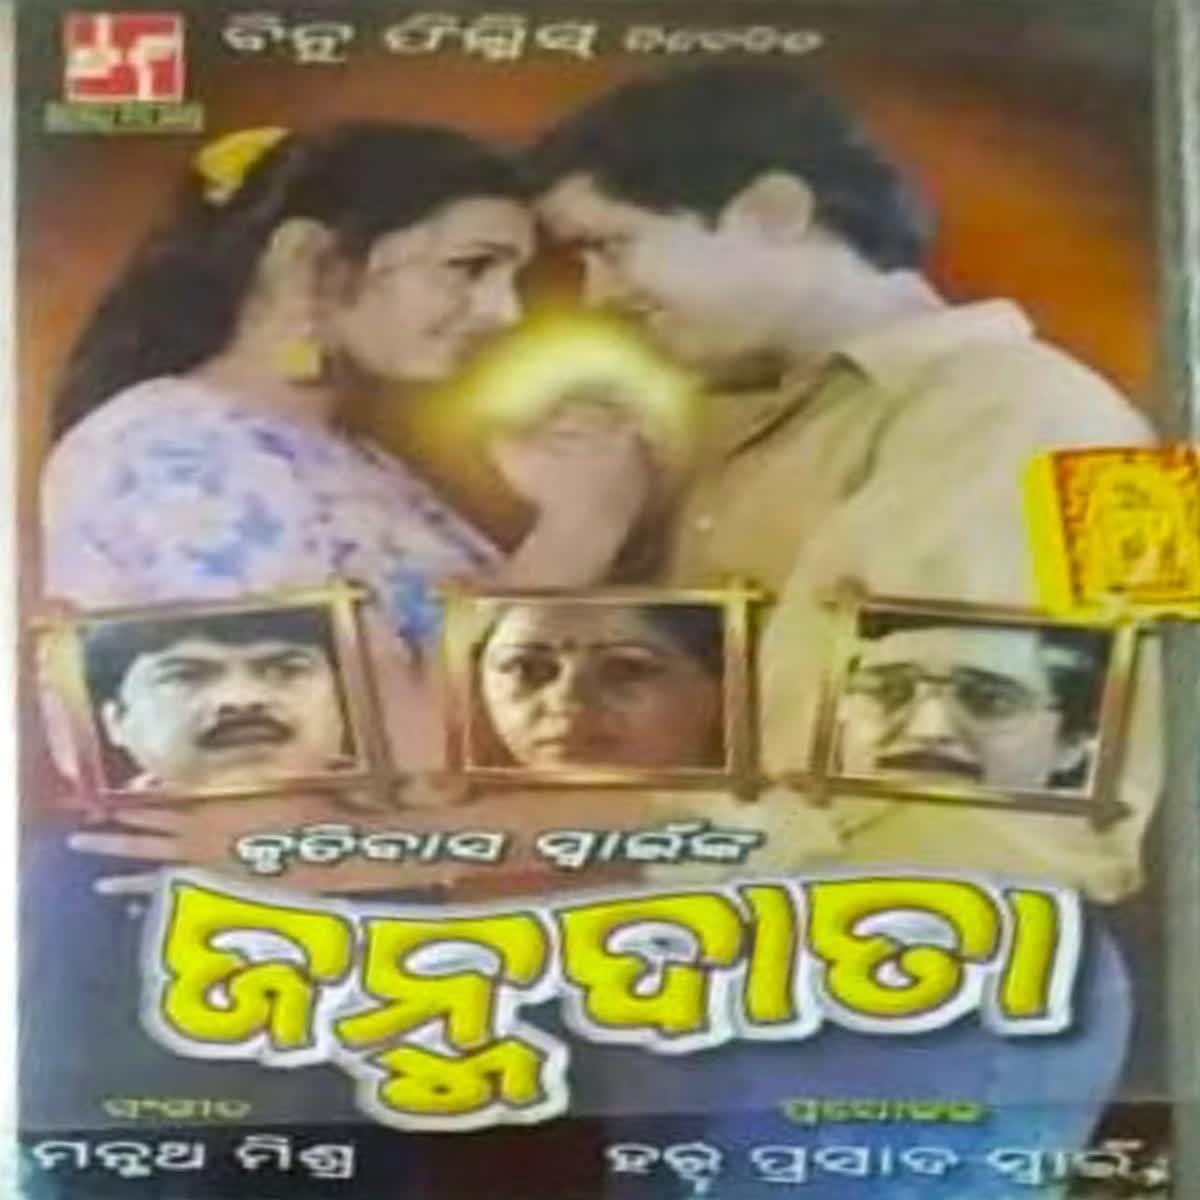 Alo Mora Saja Golapa Phula Maa Rana Tote Pauchi Bhala (Bibhu Kishore, Ira Mohanty)